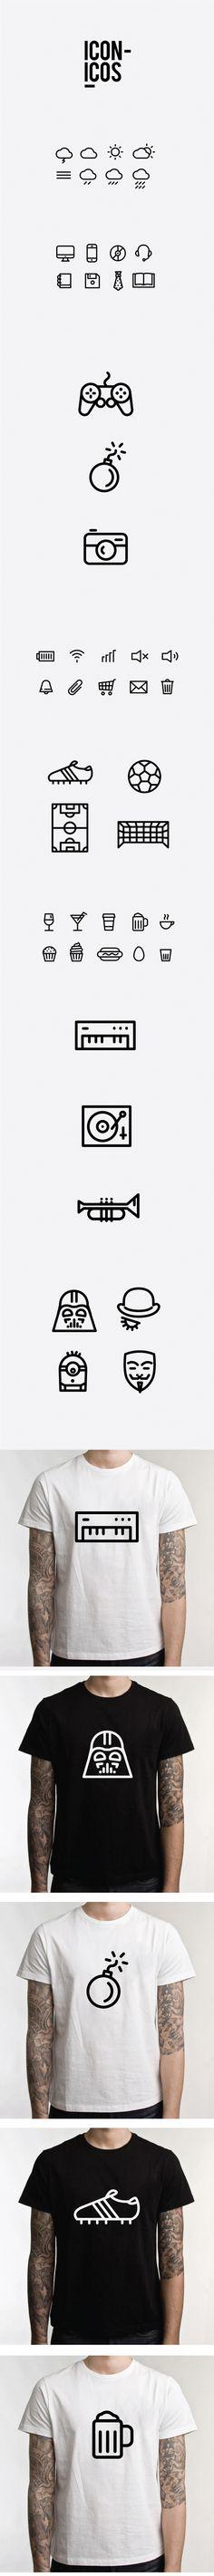 Diseño de pictogramas versátiles para uso en apps, camisetas, cartelería y otros soportes gráficos.